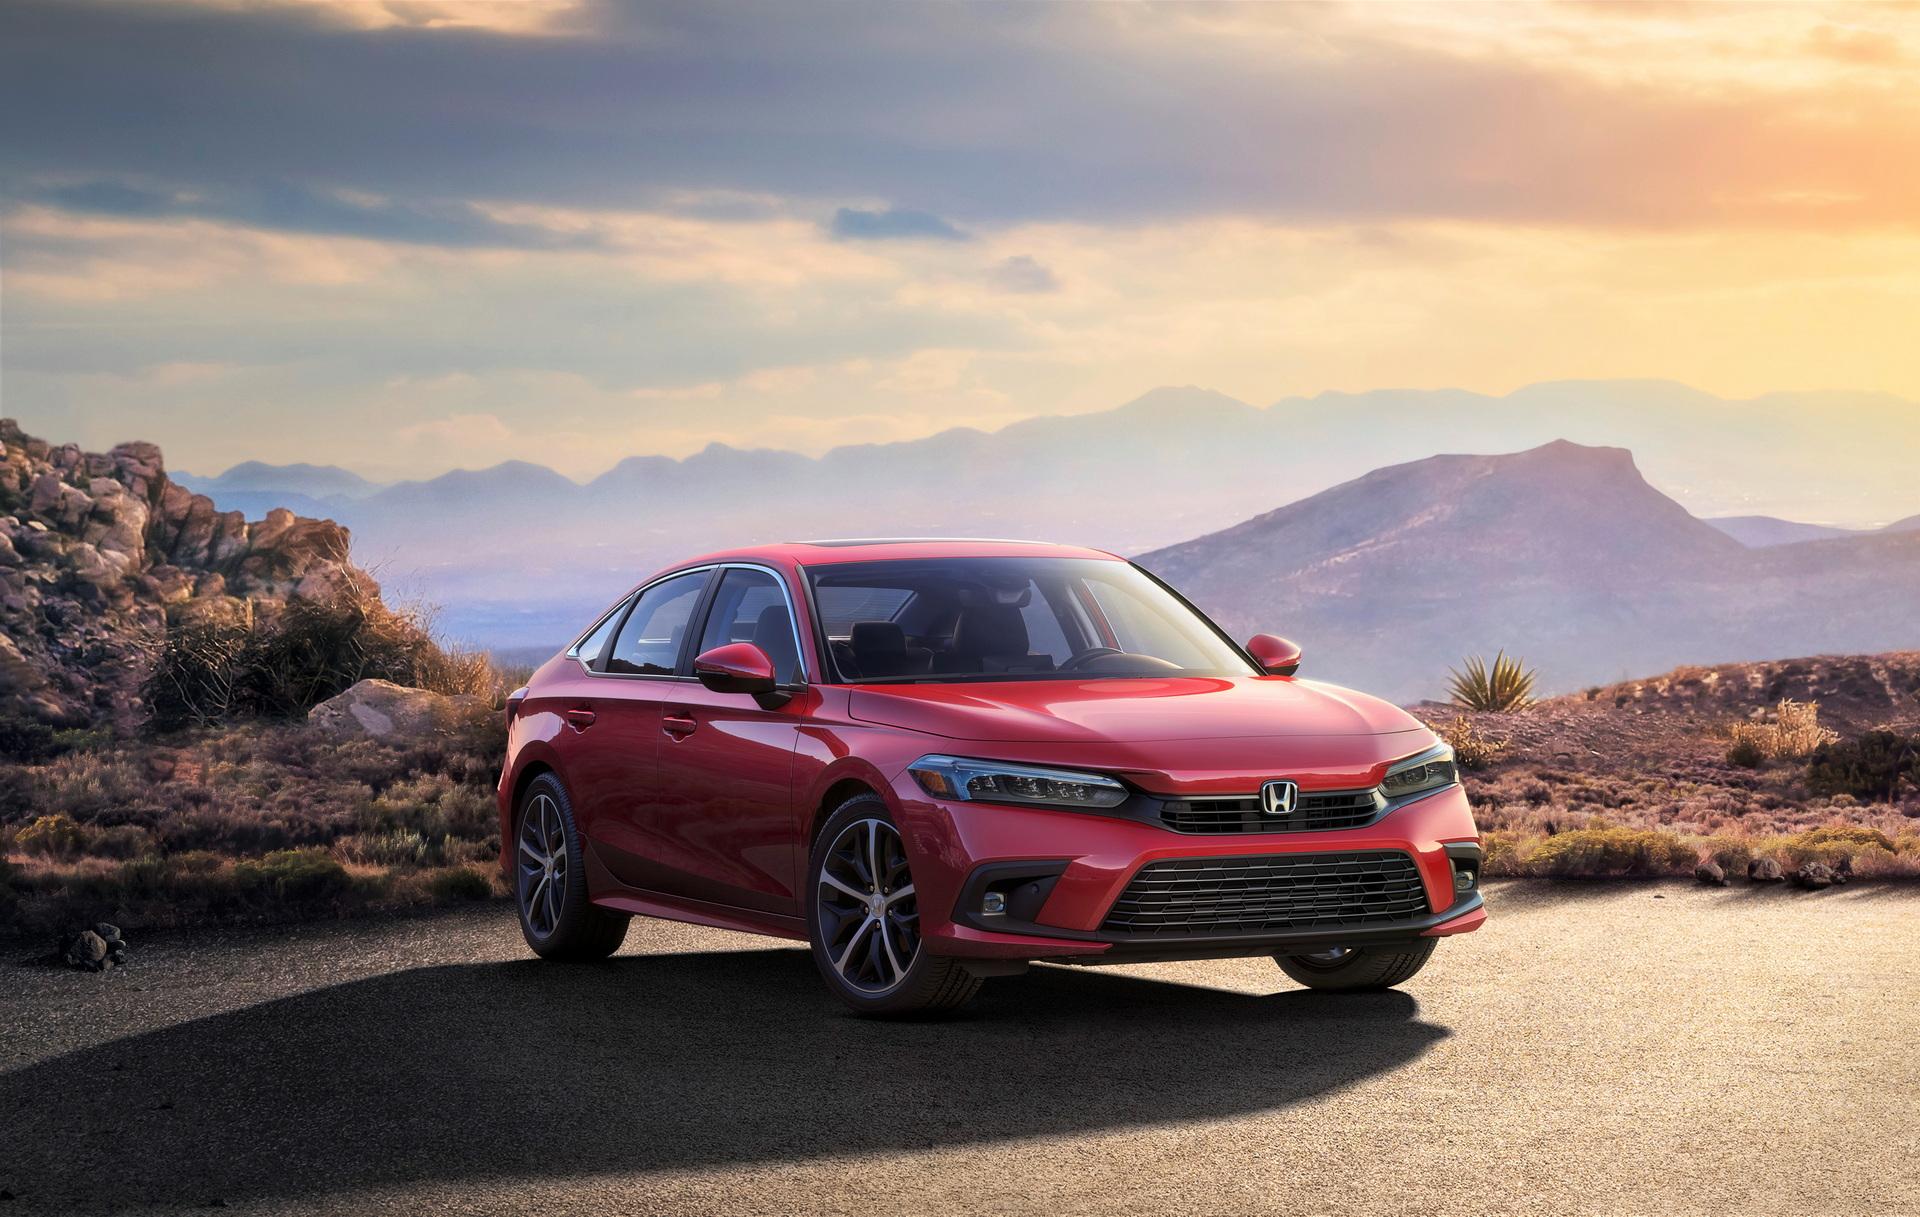 Chi tiết Honda Civic 2022: Thiết kế chỉn chu, vận hành thú vị